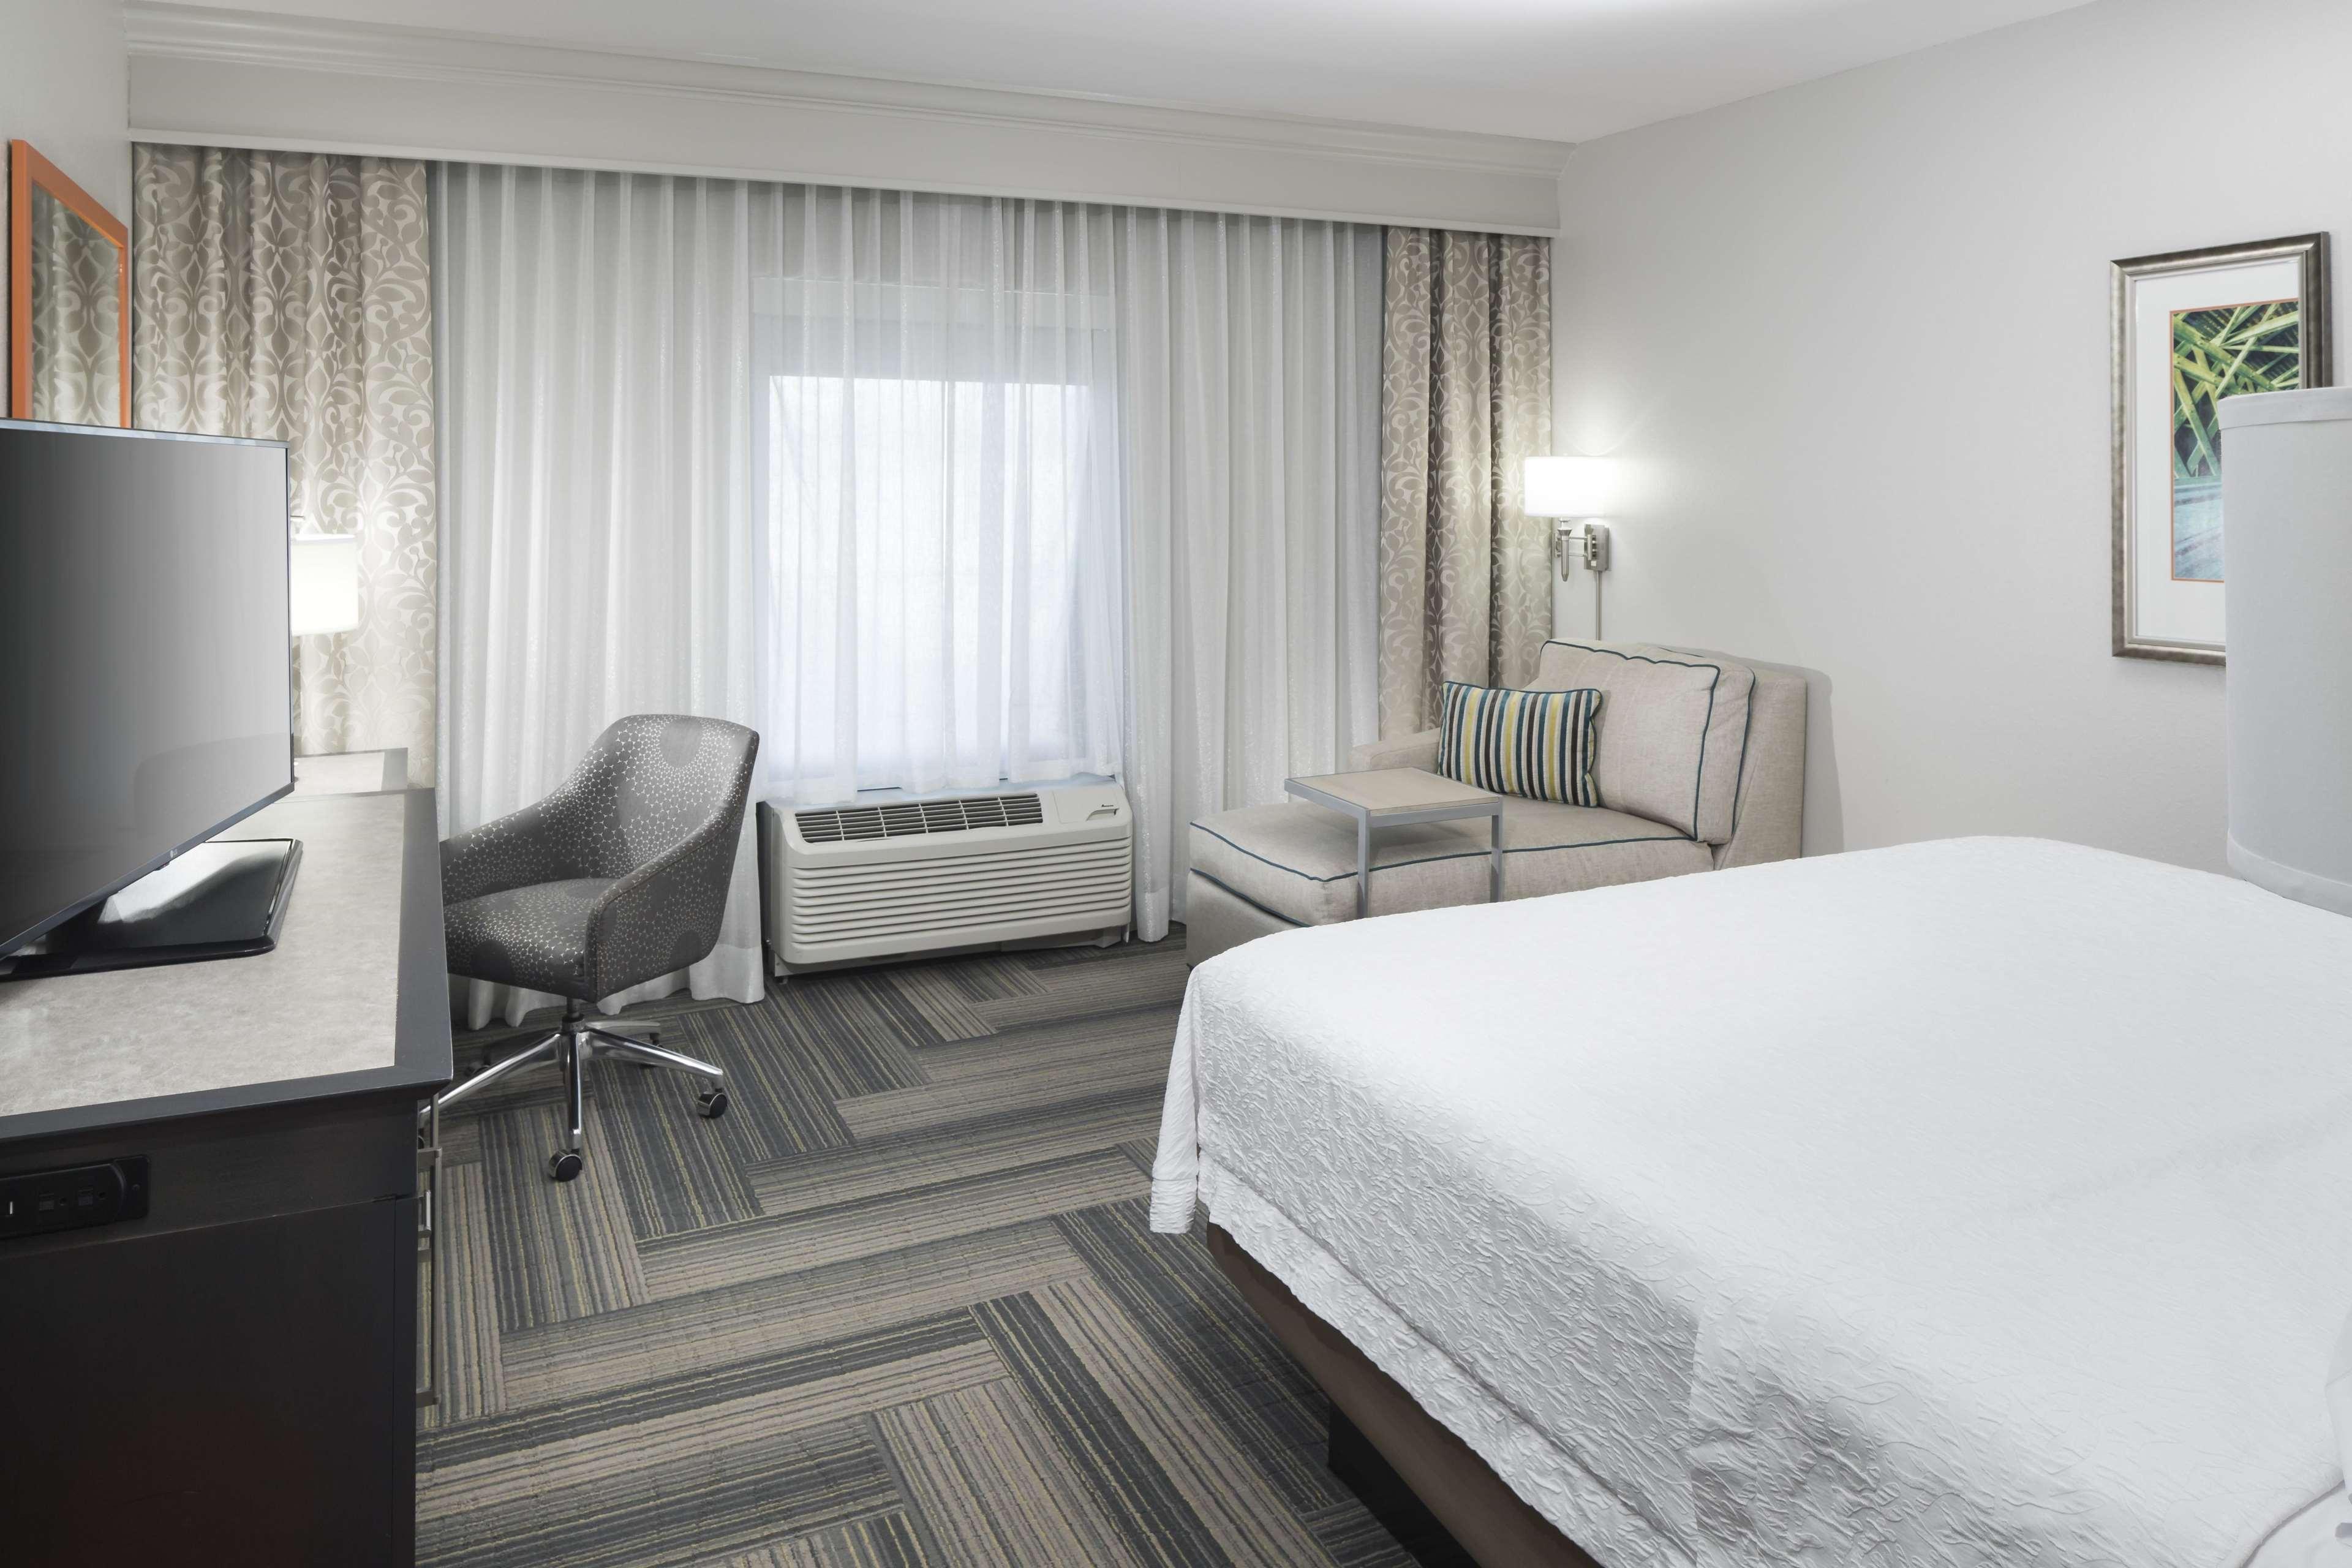 Hampton Inn & Suites by Hilton Atlanta Perimeter Dunwoody image 30